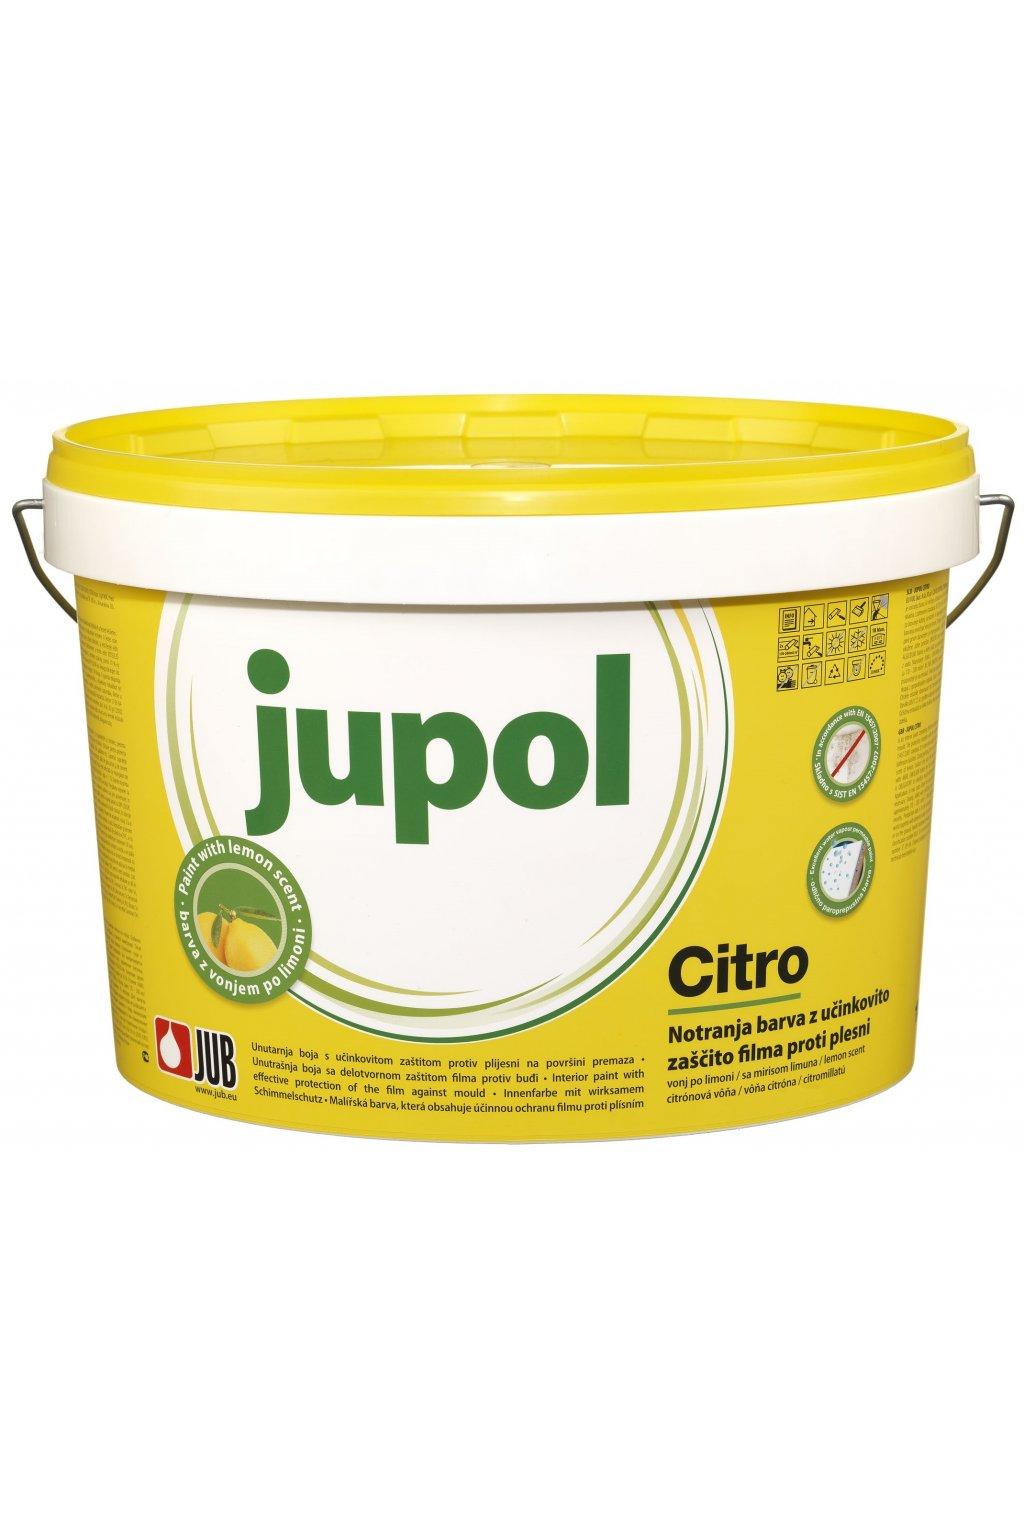 Jupol Citro 10L